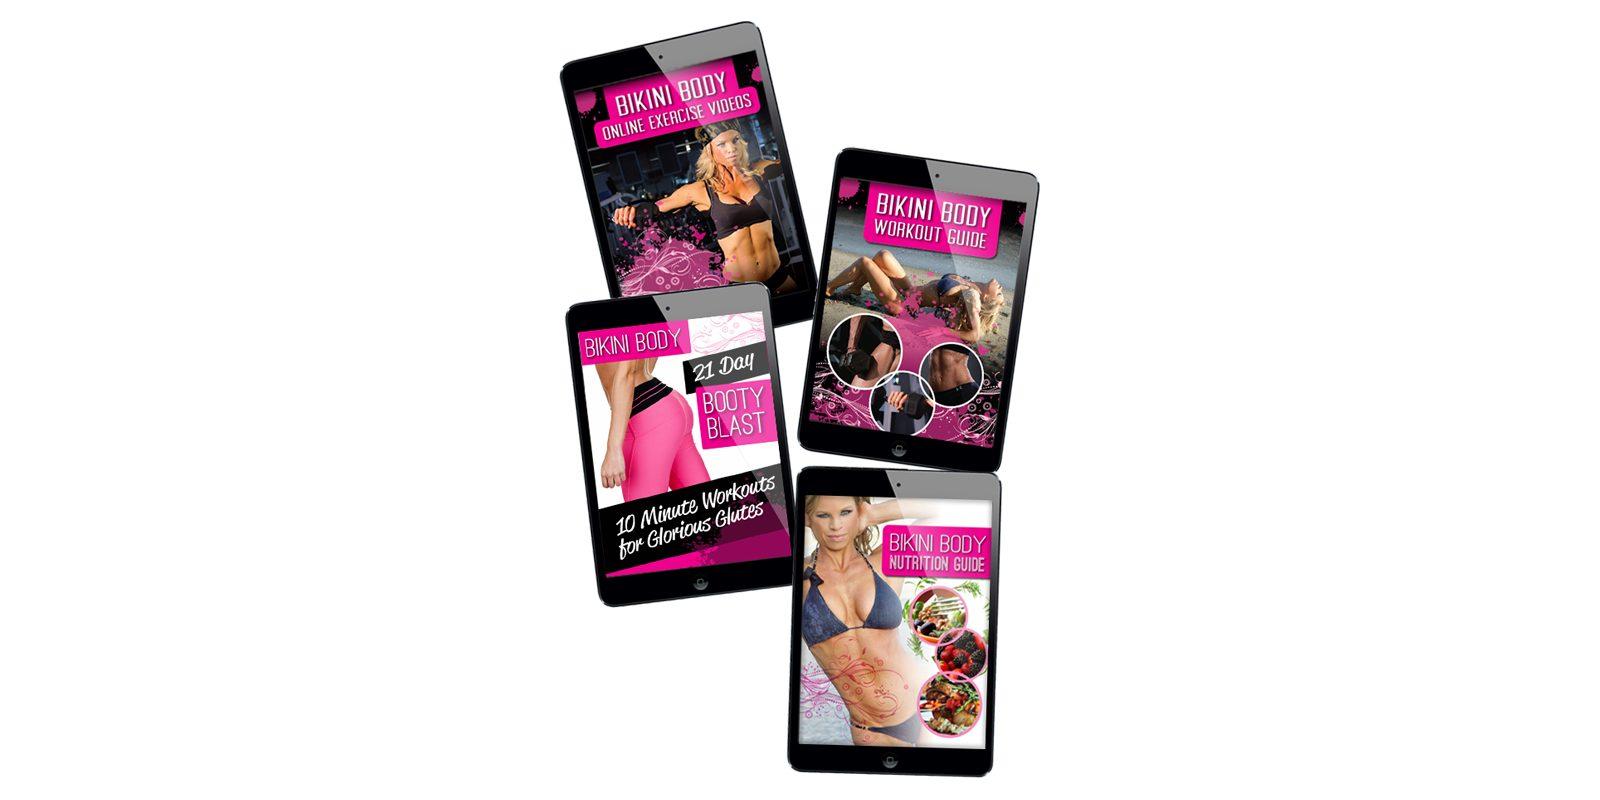 bikini body workouts reviews